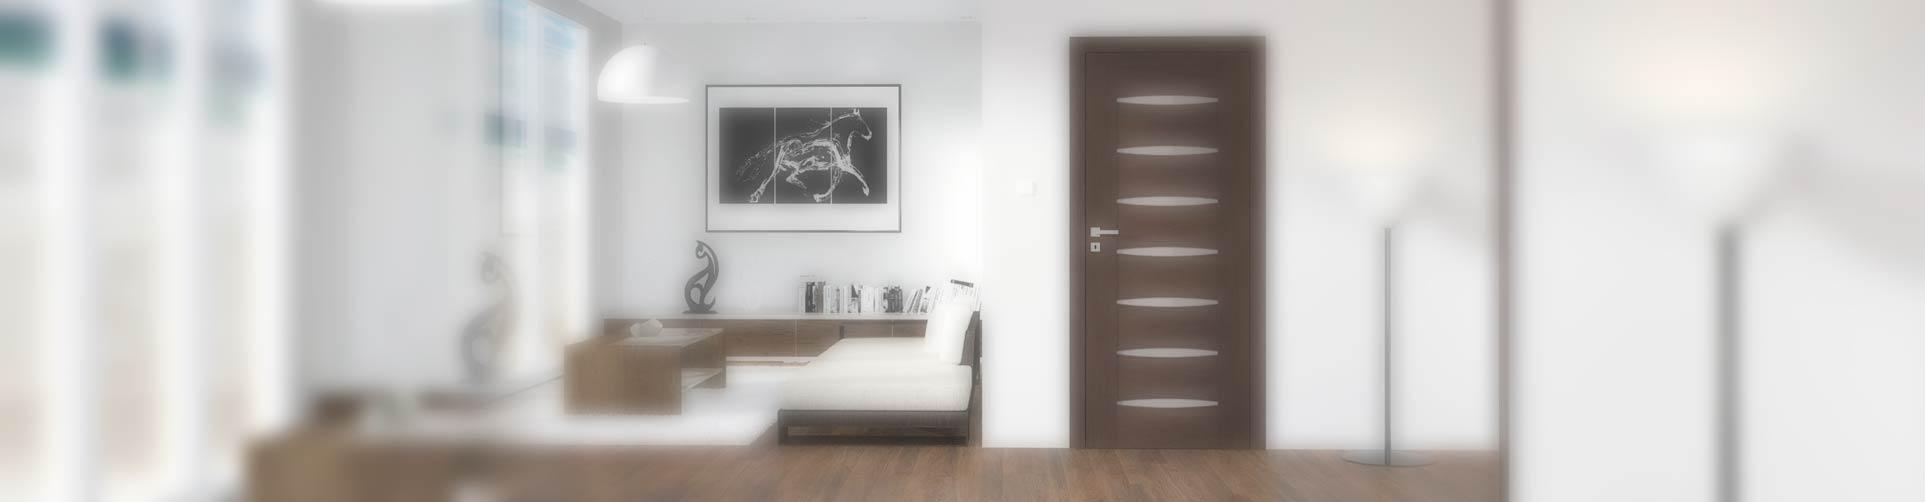 Drzwi kompozytowe, stalowe, drewniane